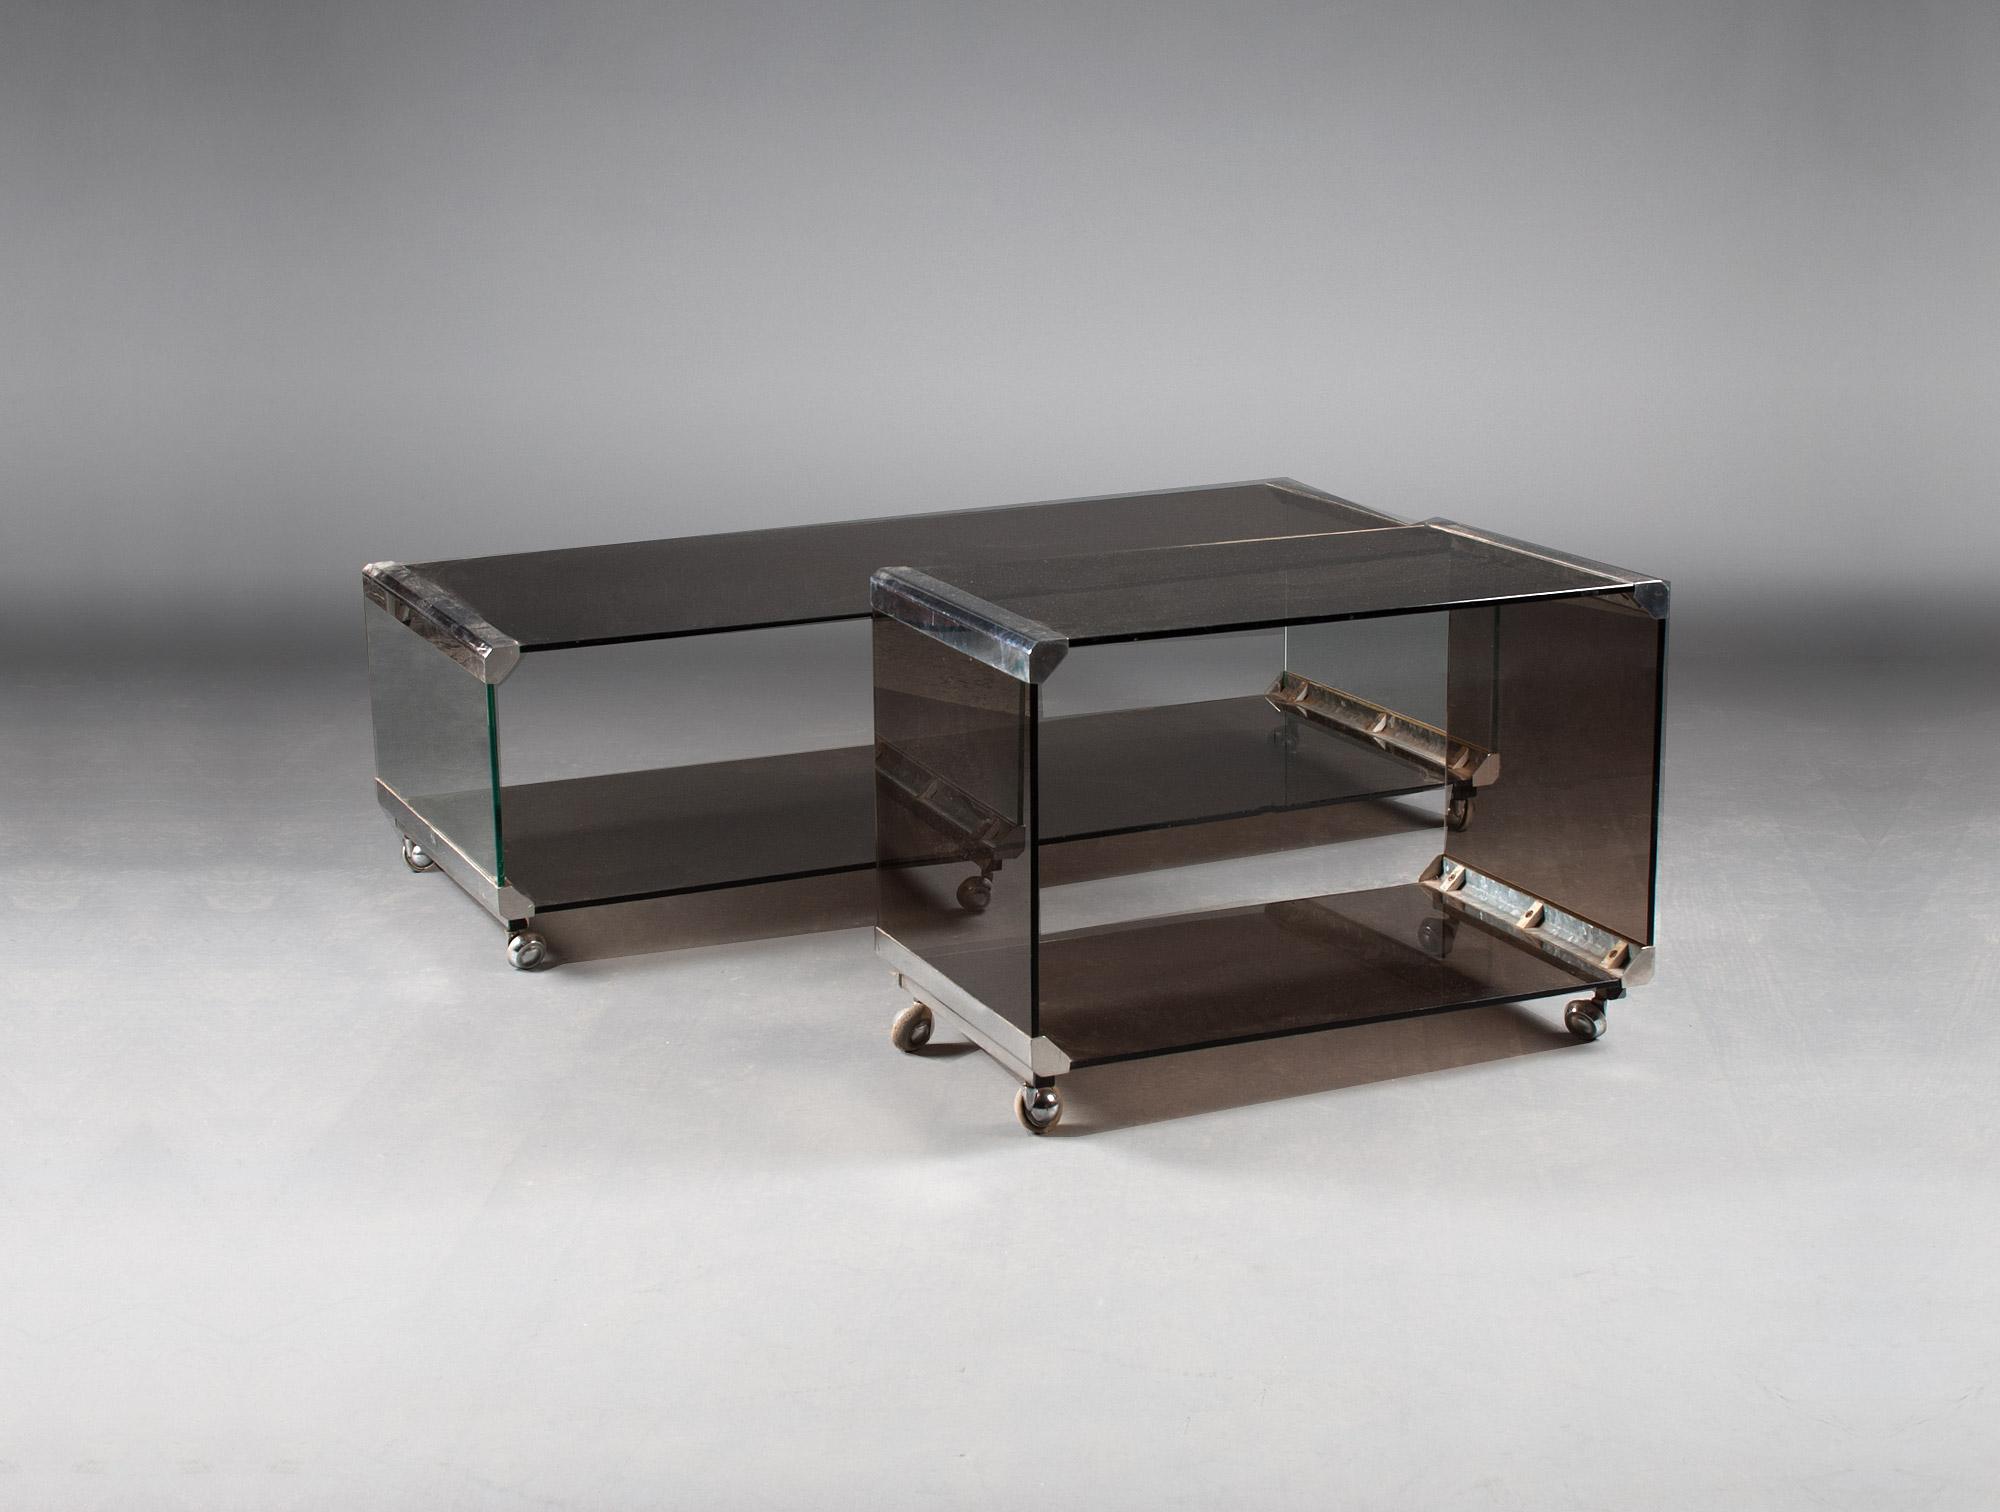 petite table basse roulante soubrier louer tables bureaux table basse xxe. Black Bedroom Furniture Sets. Home Design Ideas